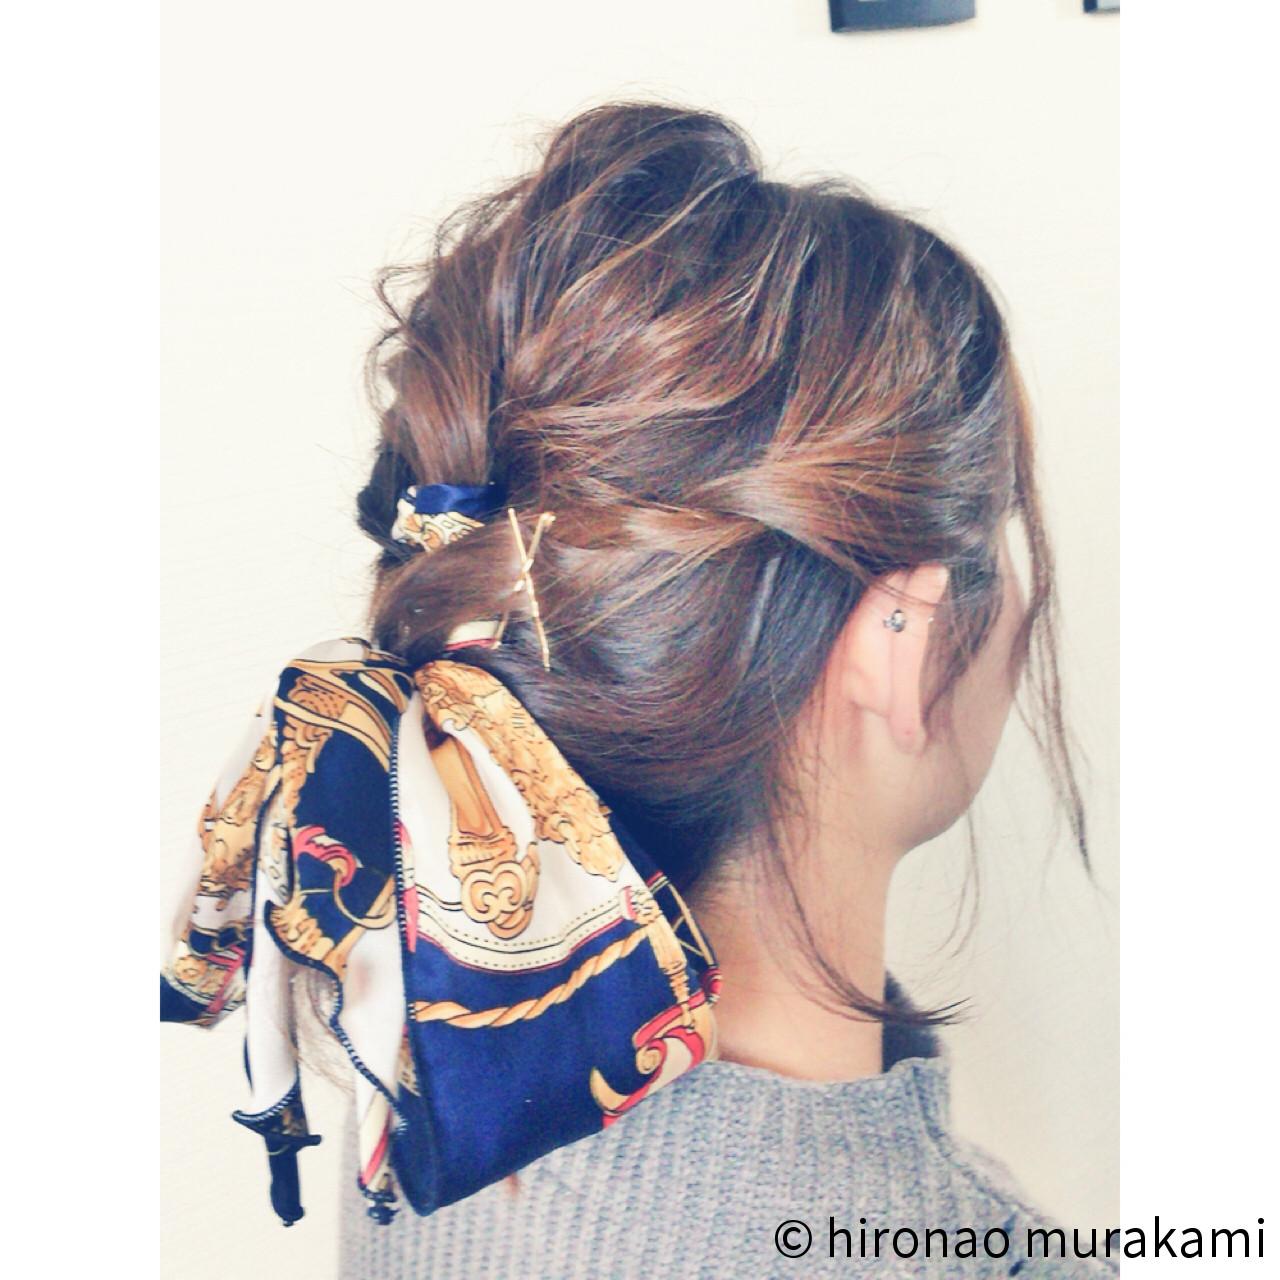 レトロが流行ってる今だから。絶対挑戦したくなるスカーフアレンジ! hironao murakami